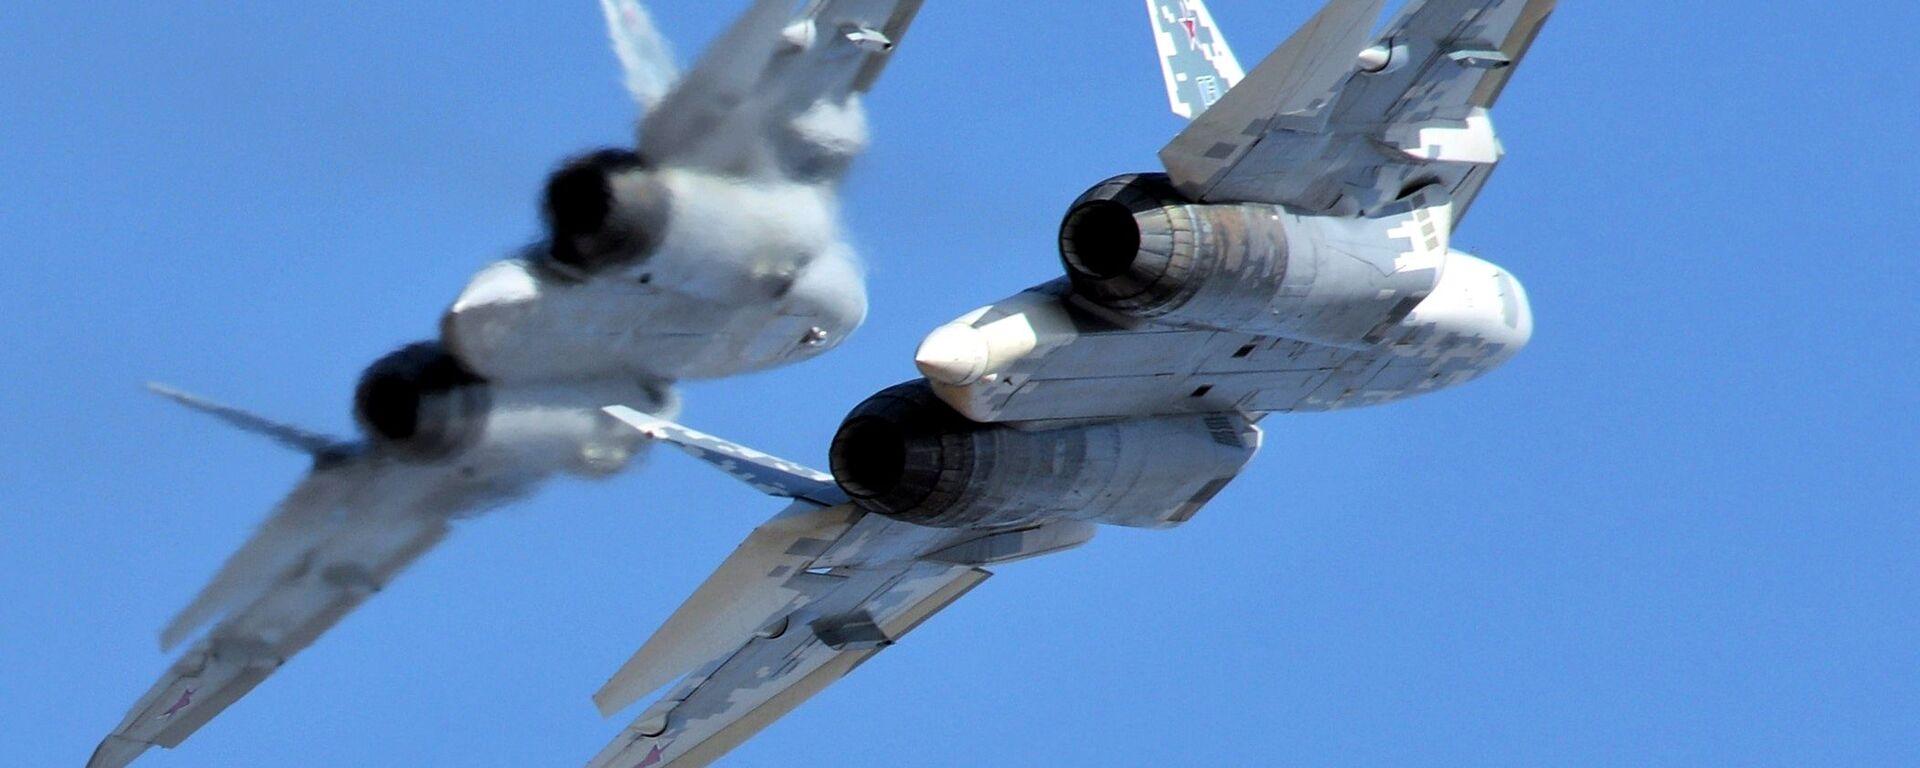 Многофункциональные истребители пятого поколения Су-57 во время полета - Sputnik Латвия, 1920, 02.07.2021